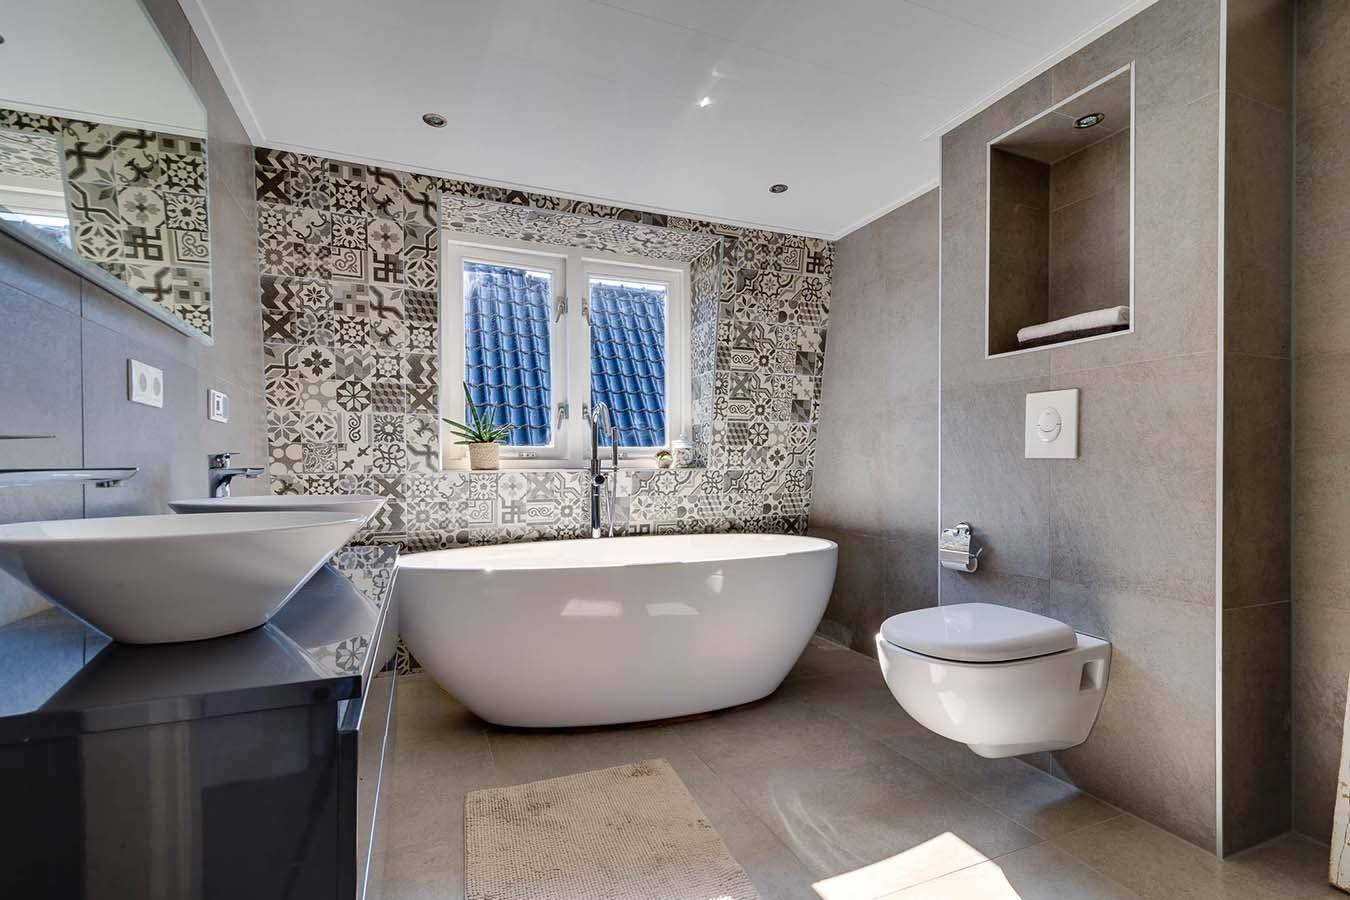 chique badkamer met portugese tegels